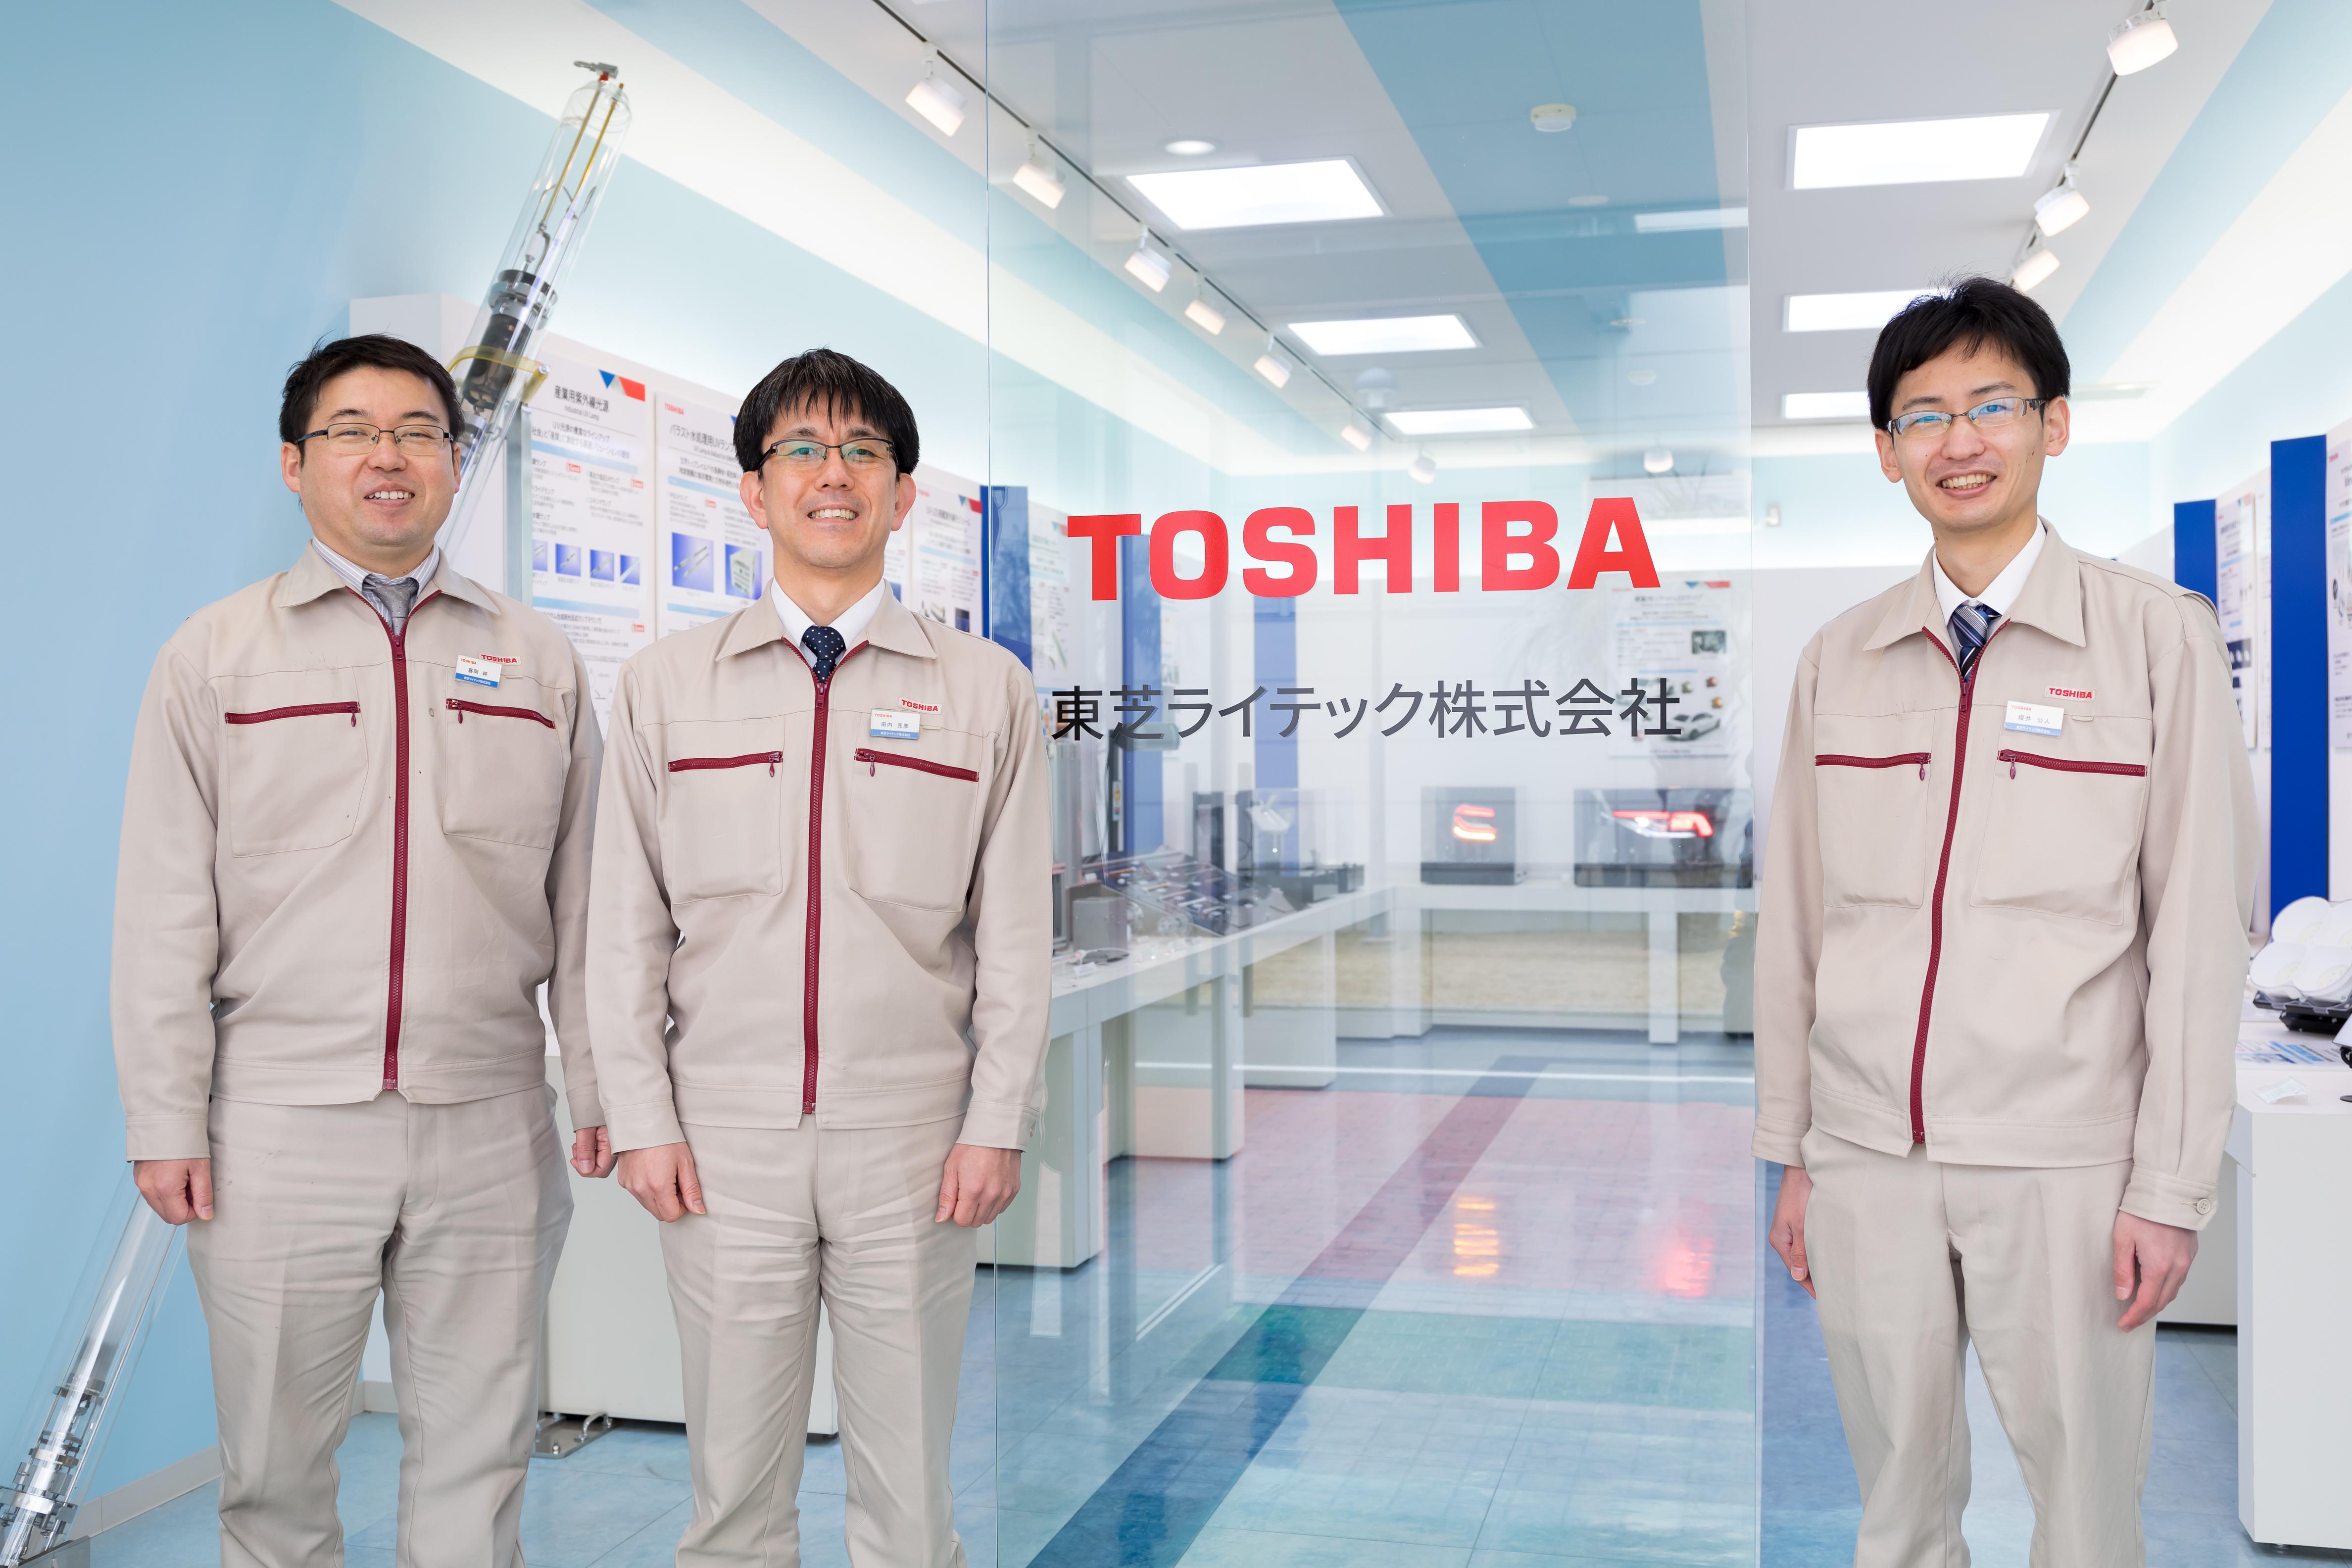 左から藤岡氏、田内氏、桜井氏